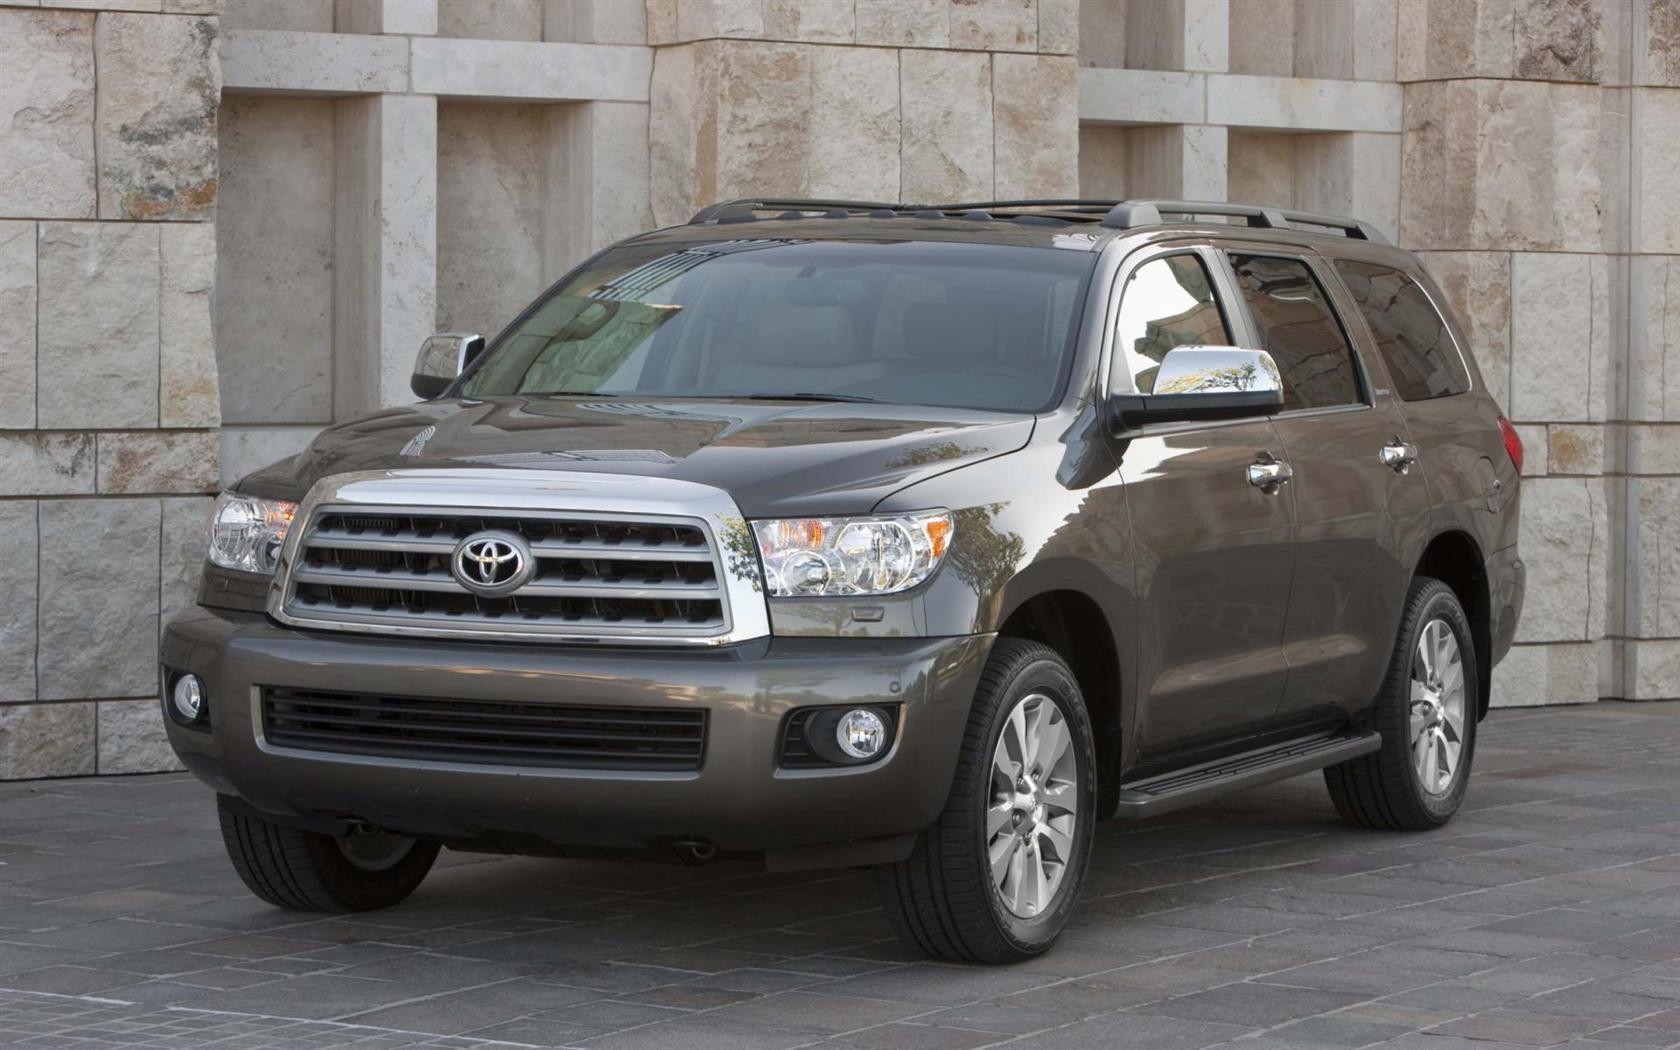 2012 Toyota Sequoia Image